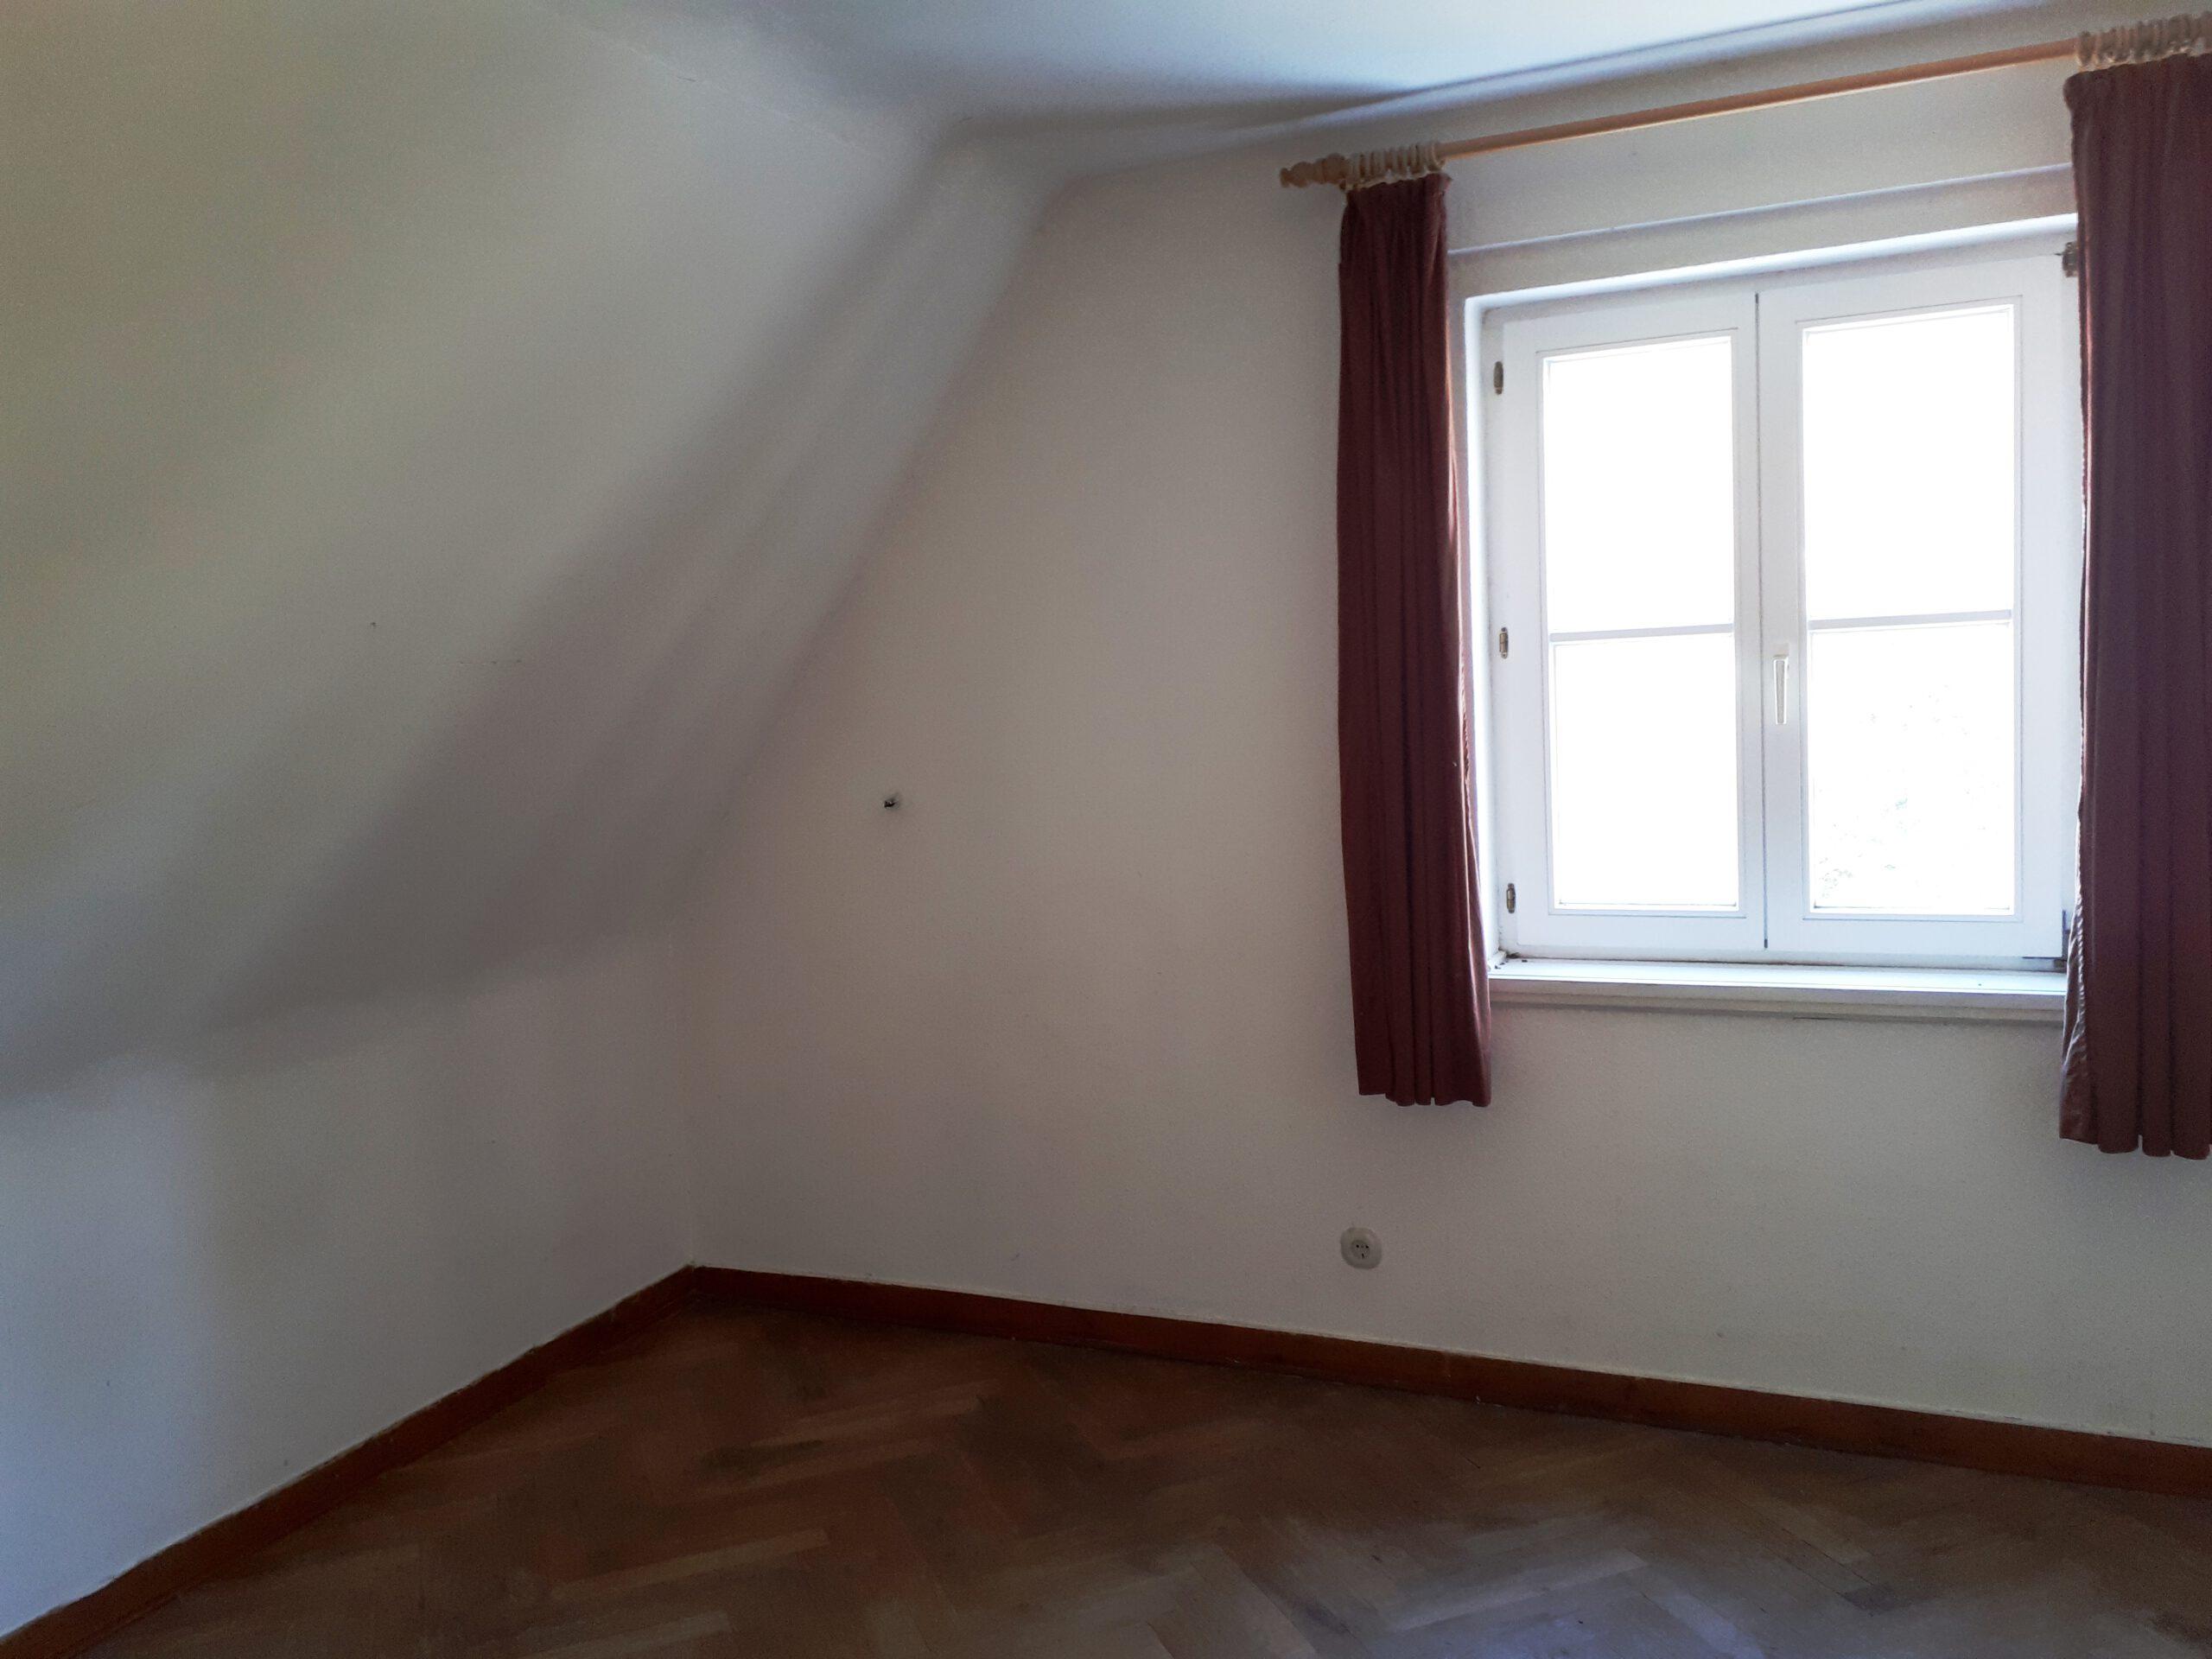 Das kleinere Kinderzimmer mit rohem Boden vor der Sanierung.